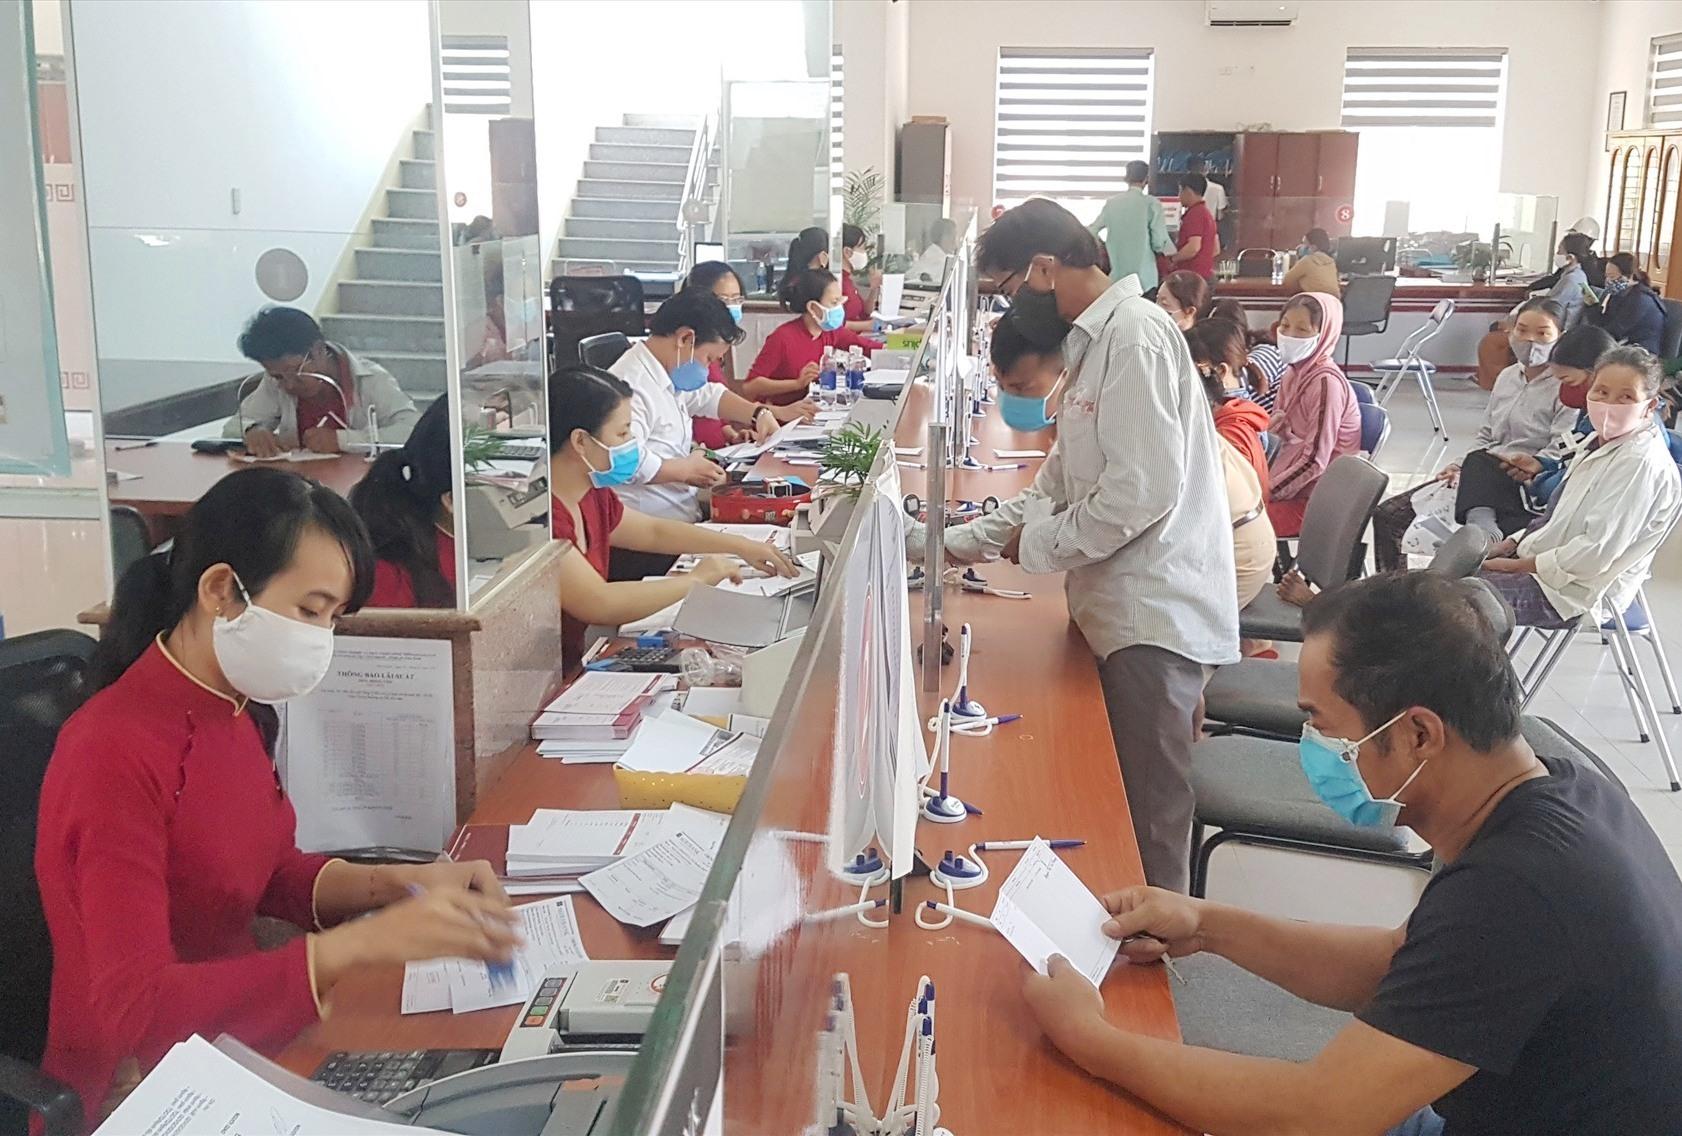 Nhân viên Chi nhánh Agribank Tiên Phước đã kịp thời ngăn chặn một vụ lừa đảo chuyển tiền trong chiều nay. Ảnh: D.L